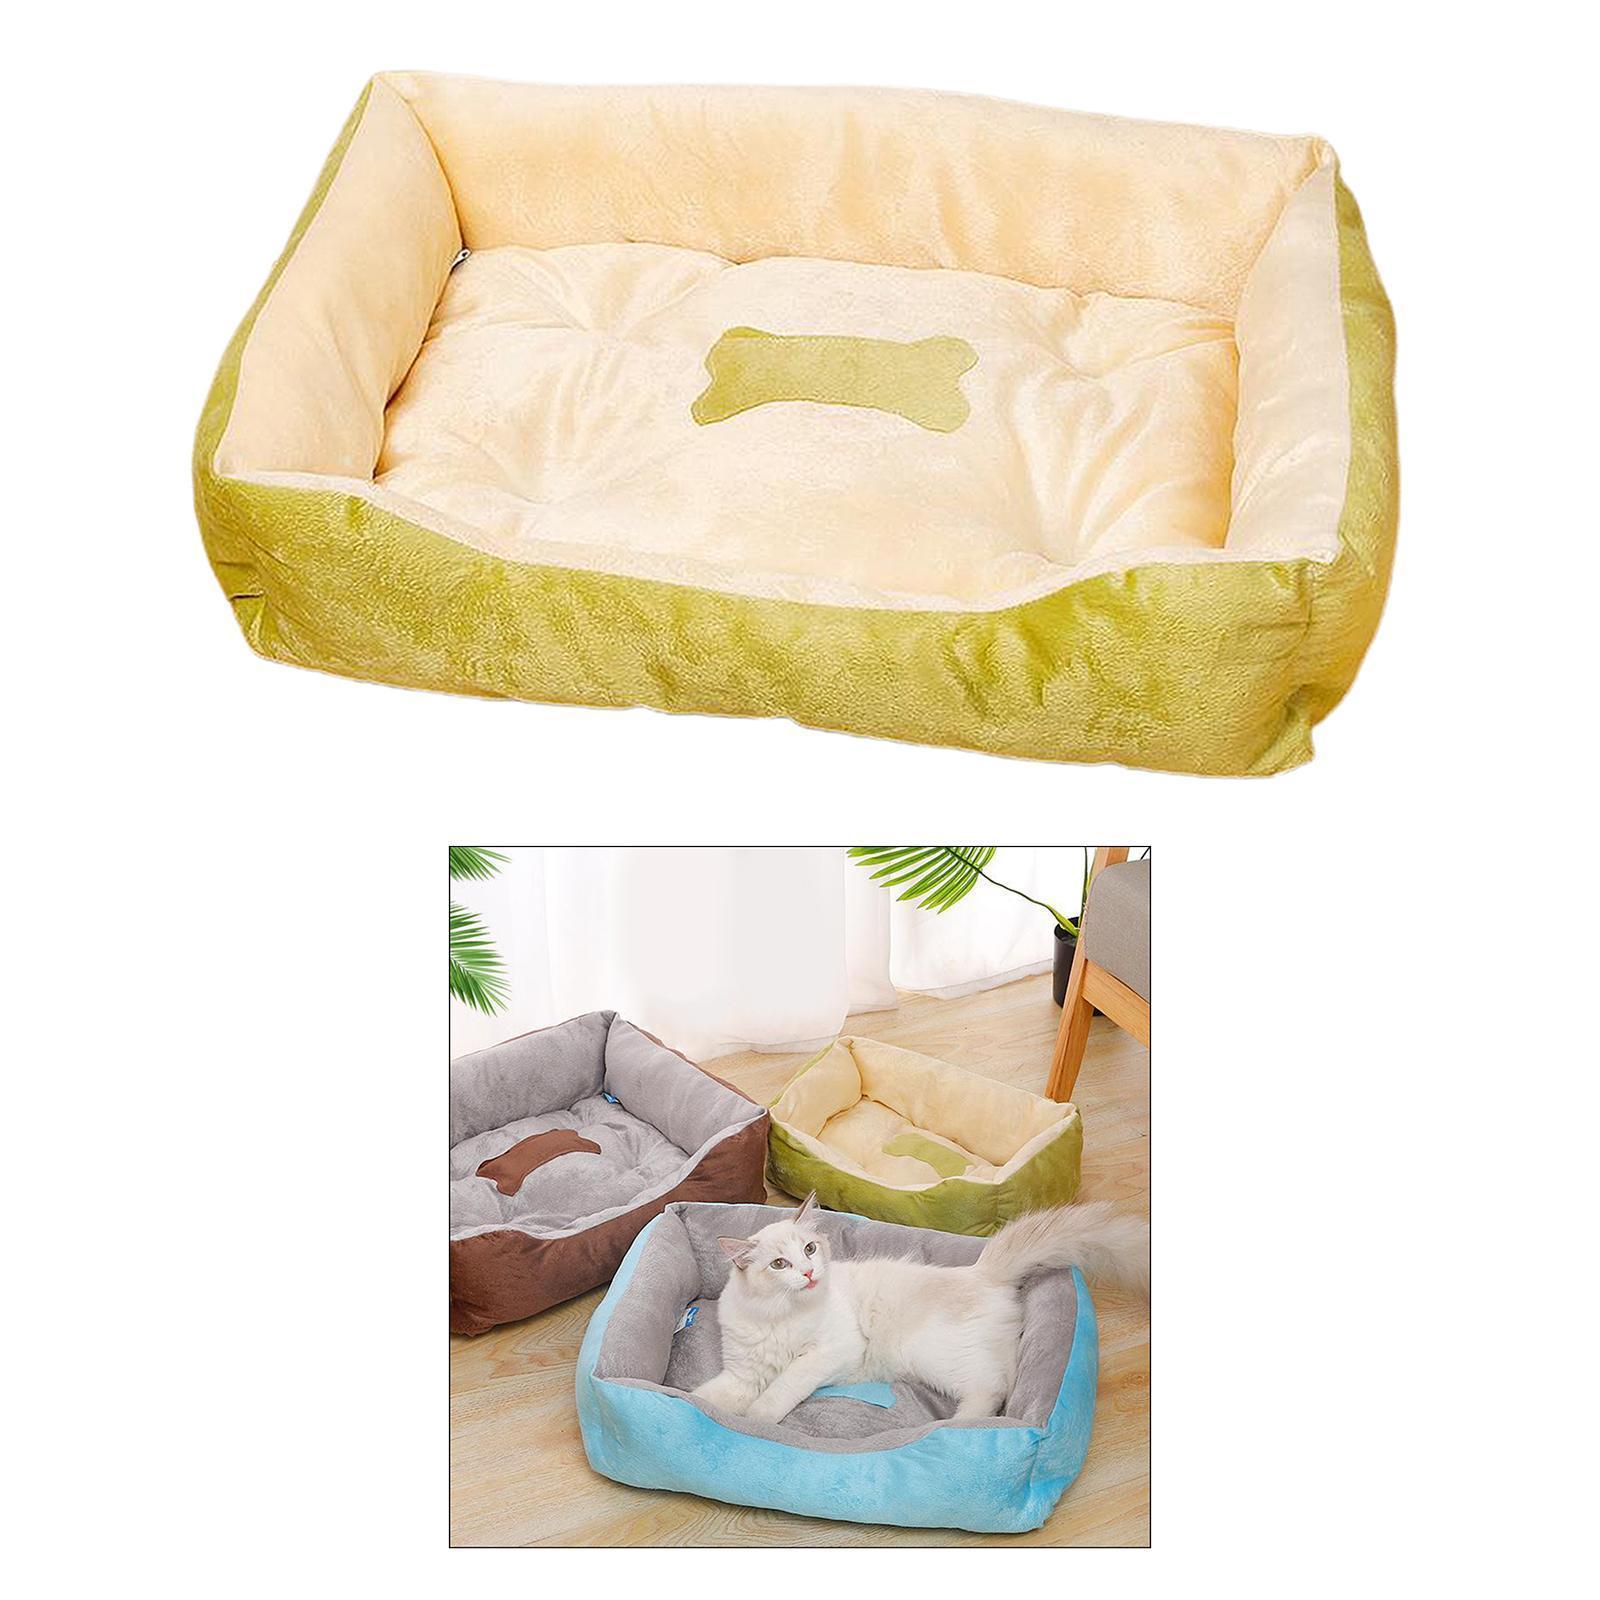 Indexbild 8 - Katze-Hund-Bett-Pet-Kissen-Betten-Haus-Schlaf-Soft-Warmen-Zwinger-Decke-Nest